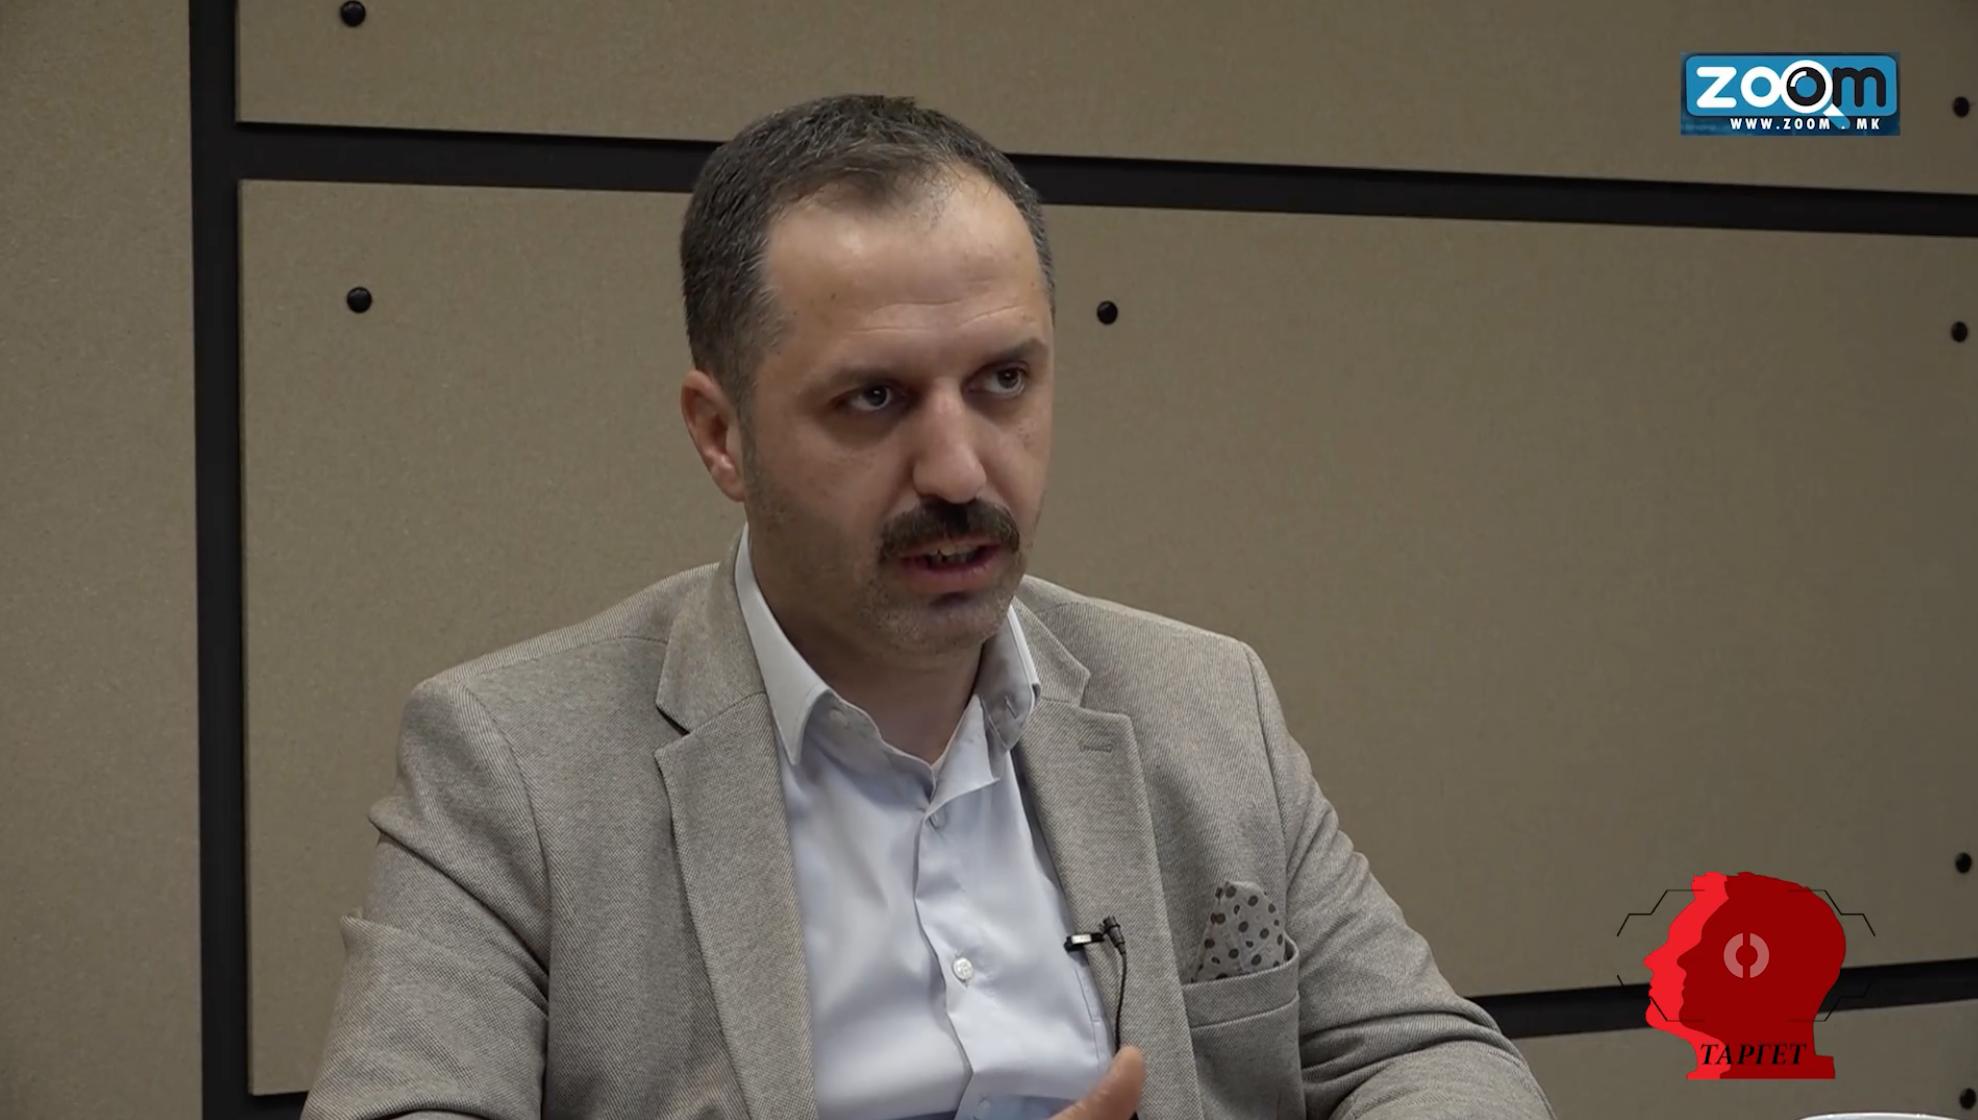 Emin: Kuzey Makedonya Türklerinin oranı en az % 7, bu oranın altındaki sonuçları kabul etmeyeceğiz